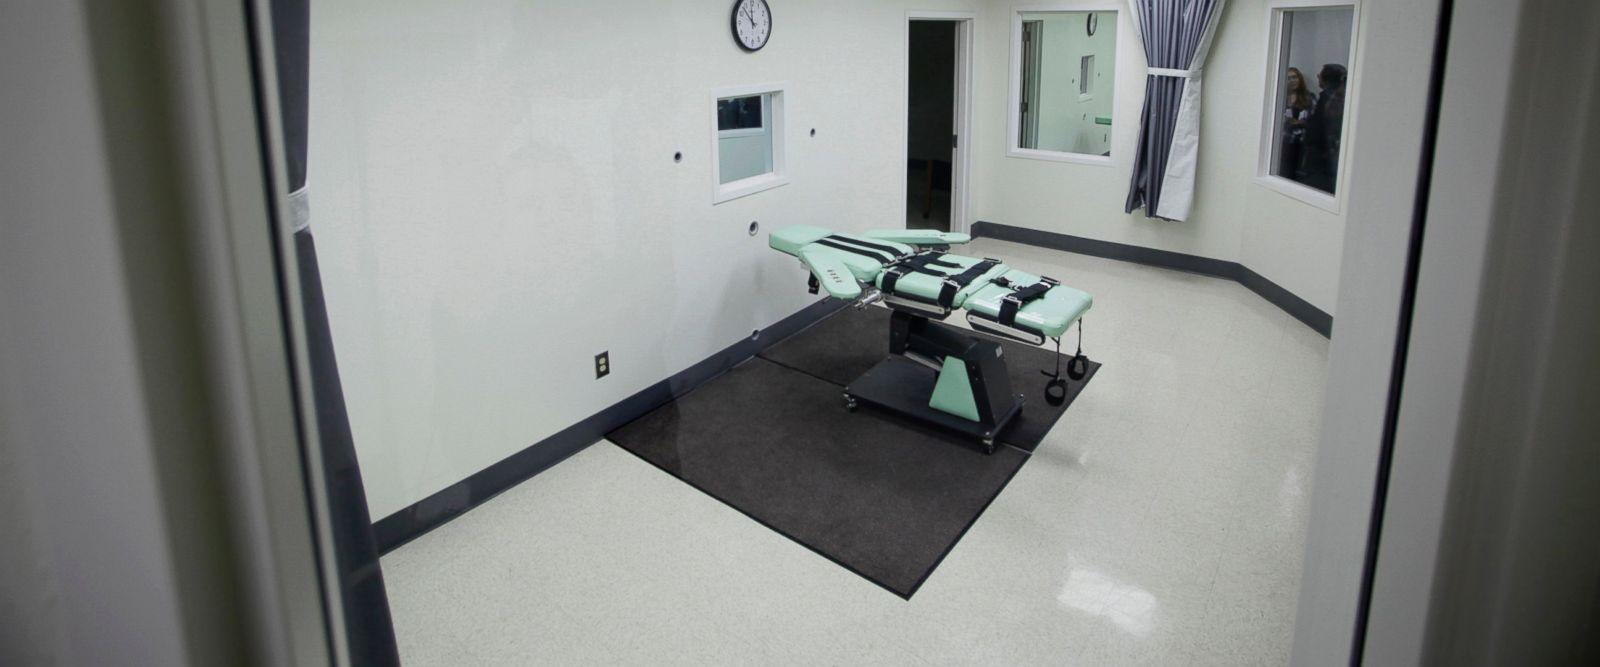 California moves slowly toward resuming executions